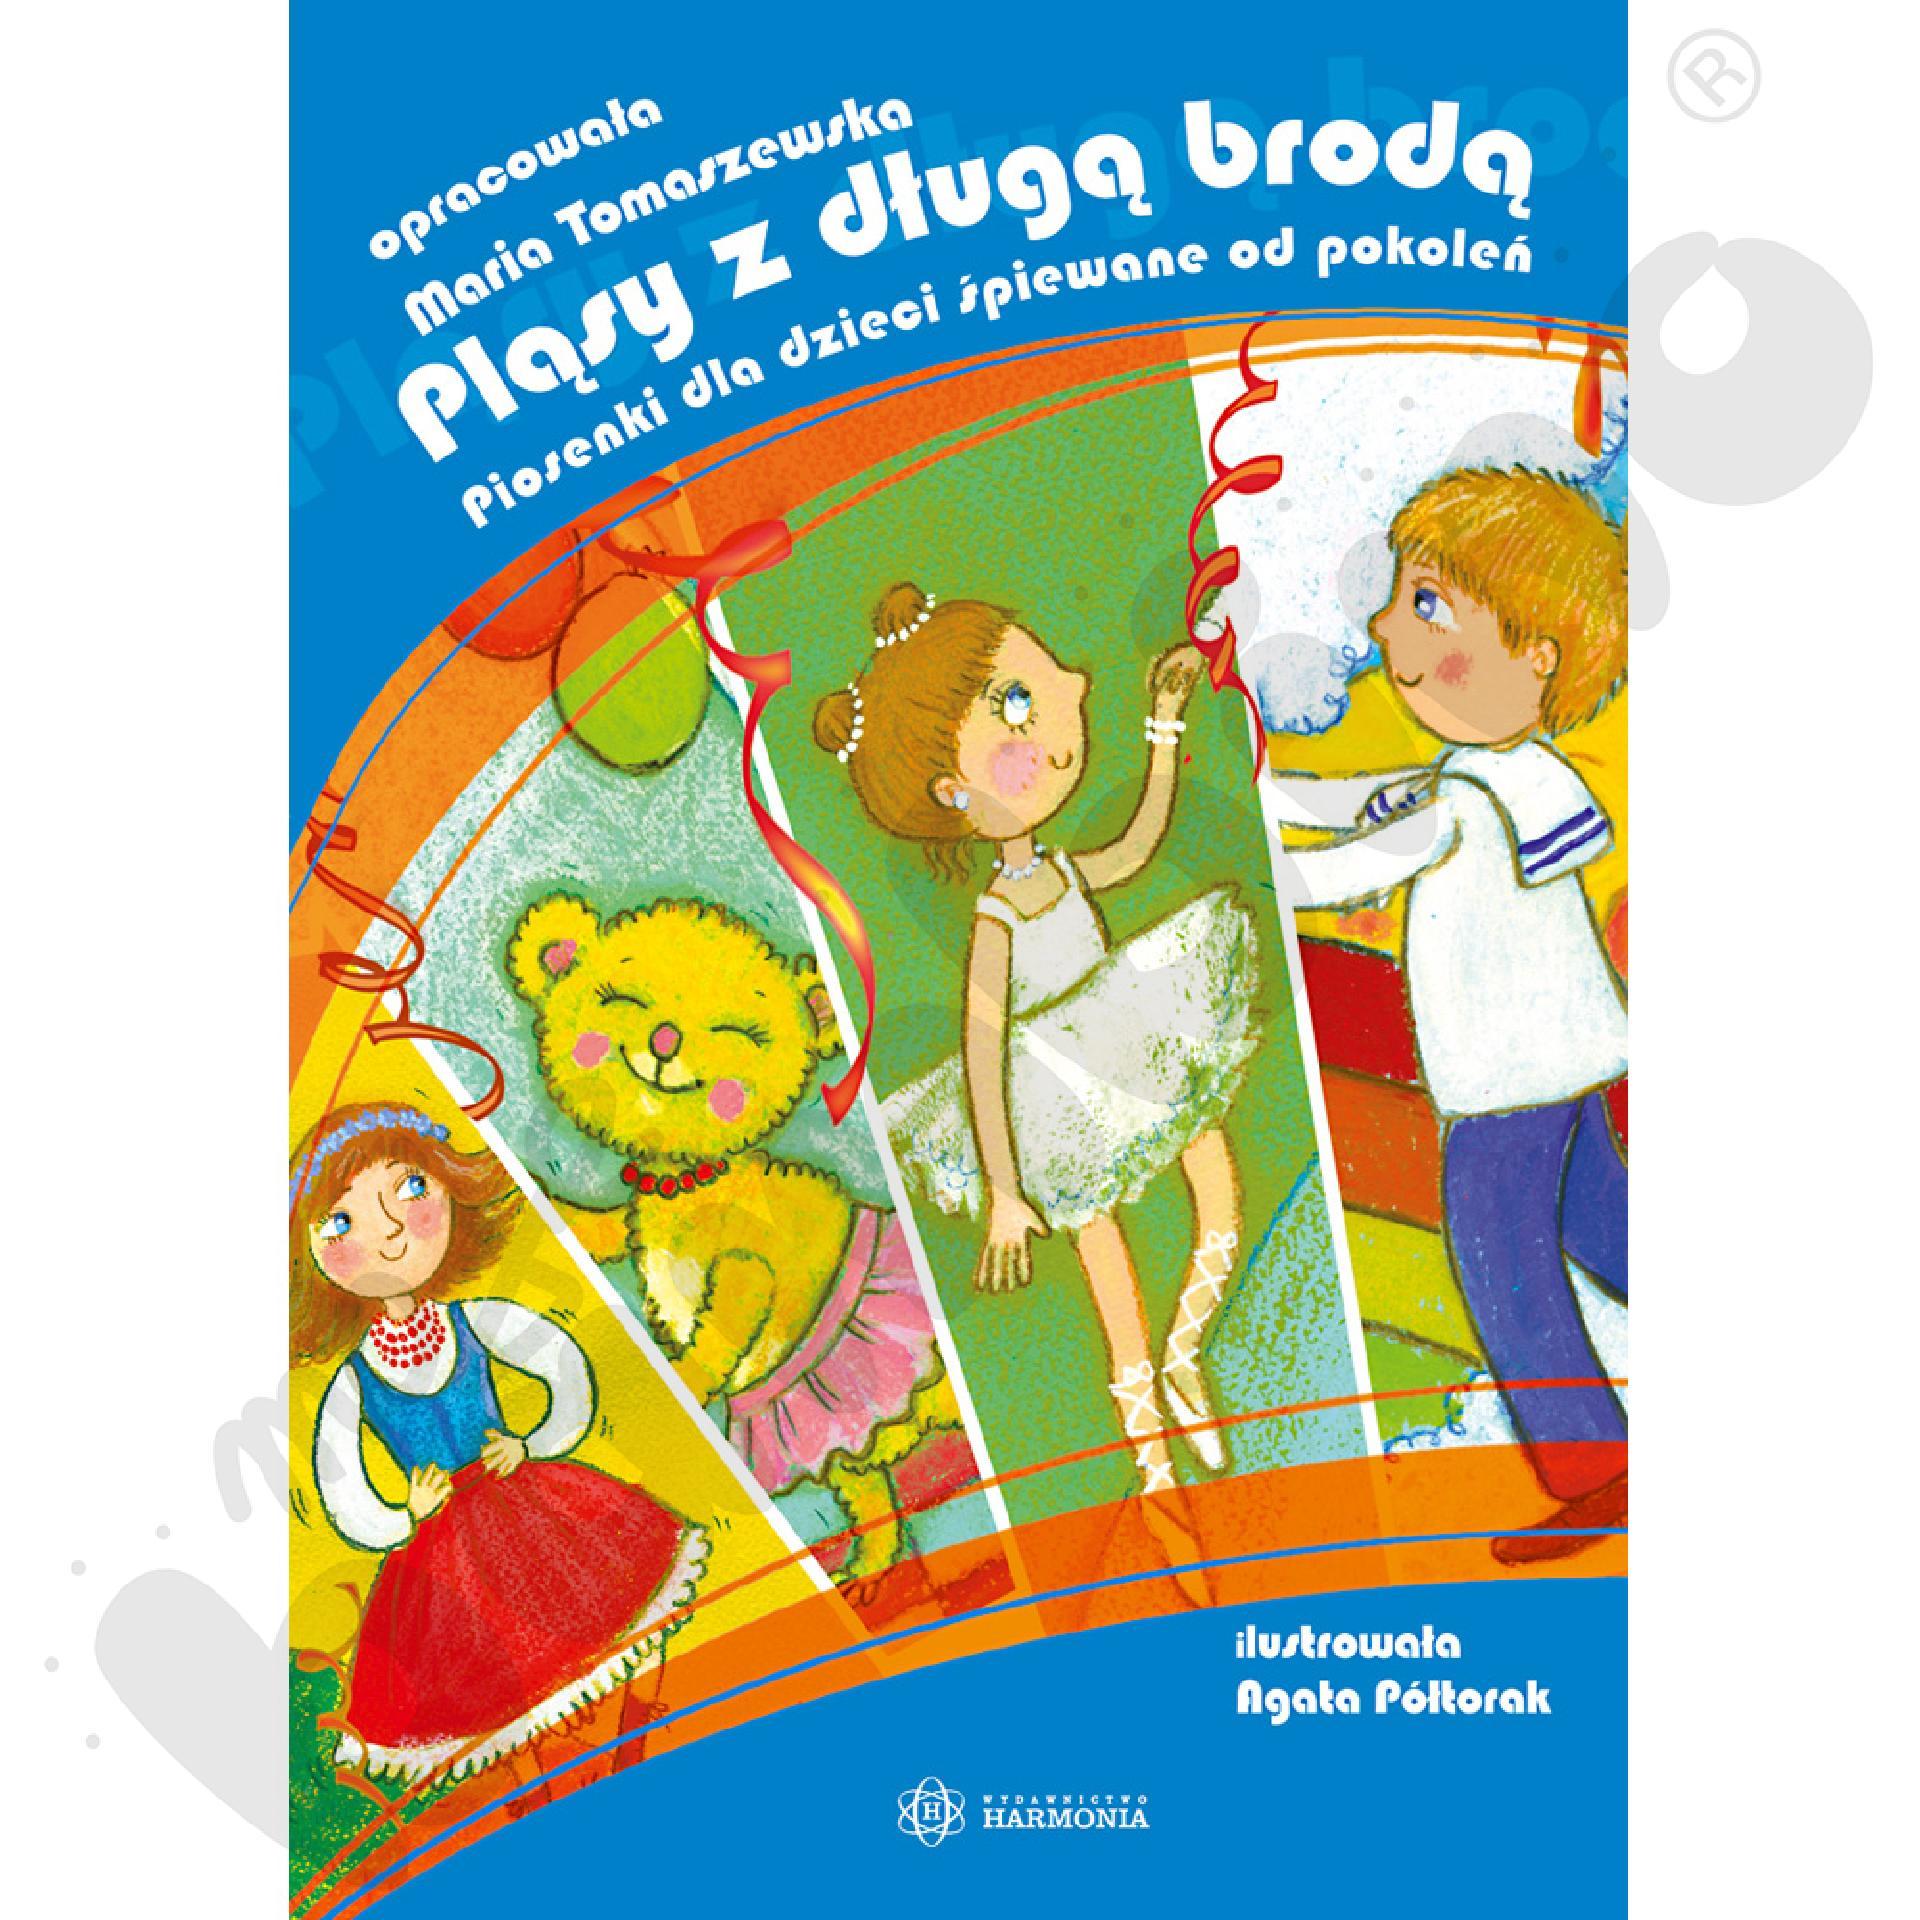 Pląsy z długą brodą – Piosenki dla dzieci śpiewane od pokoleń